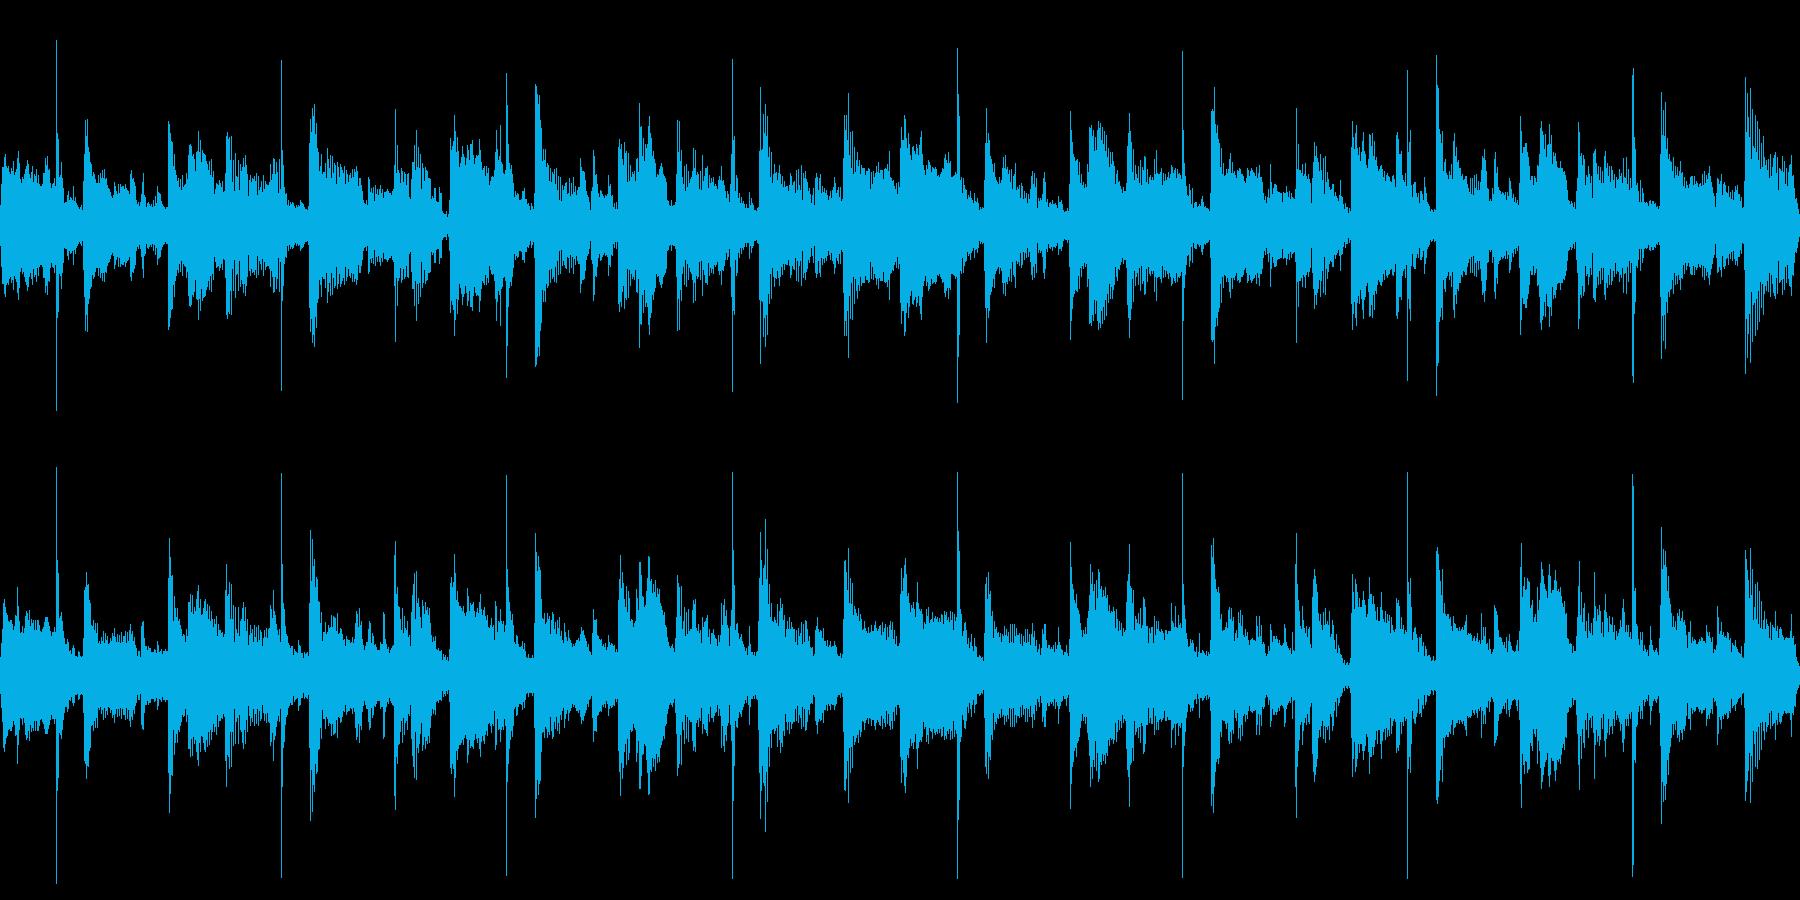 【ループ可能】チル/お洒落/汎用性が高いの再生済みの波形